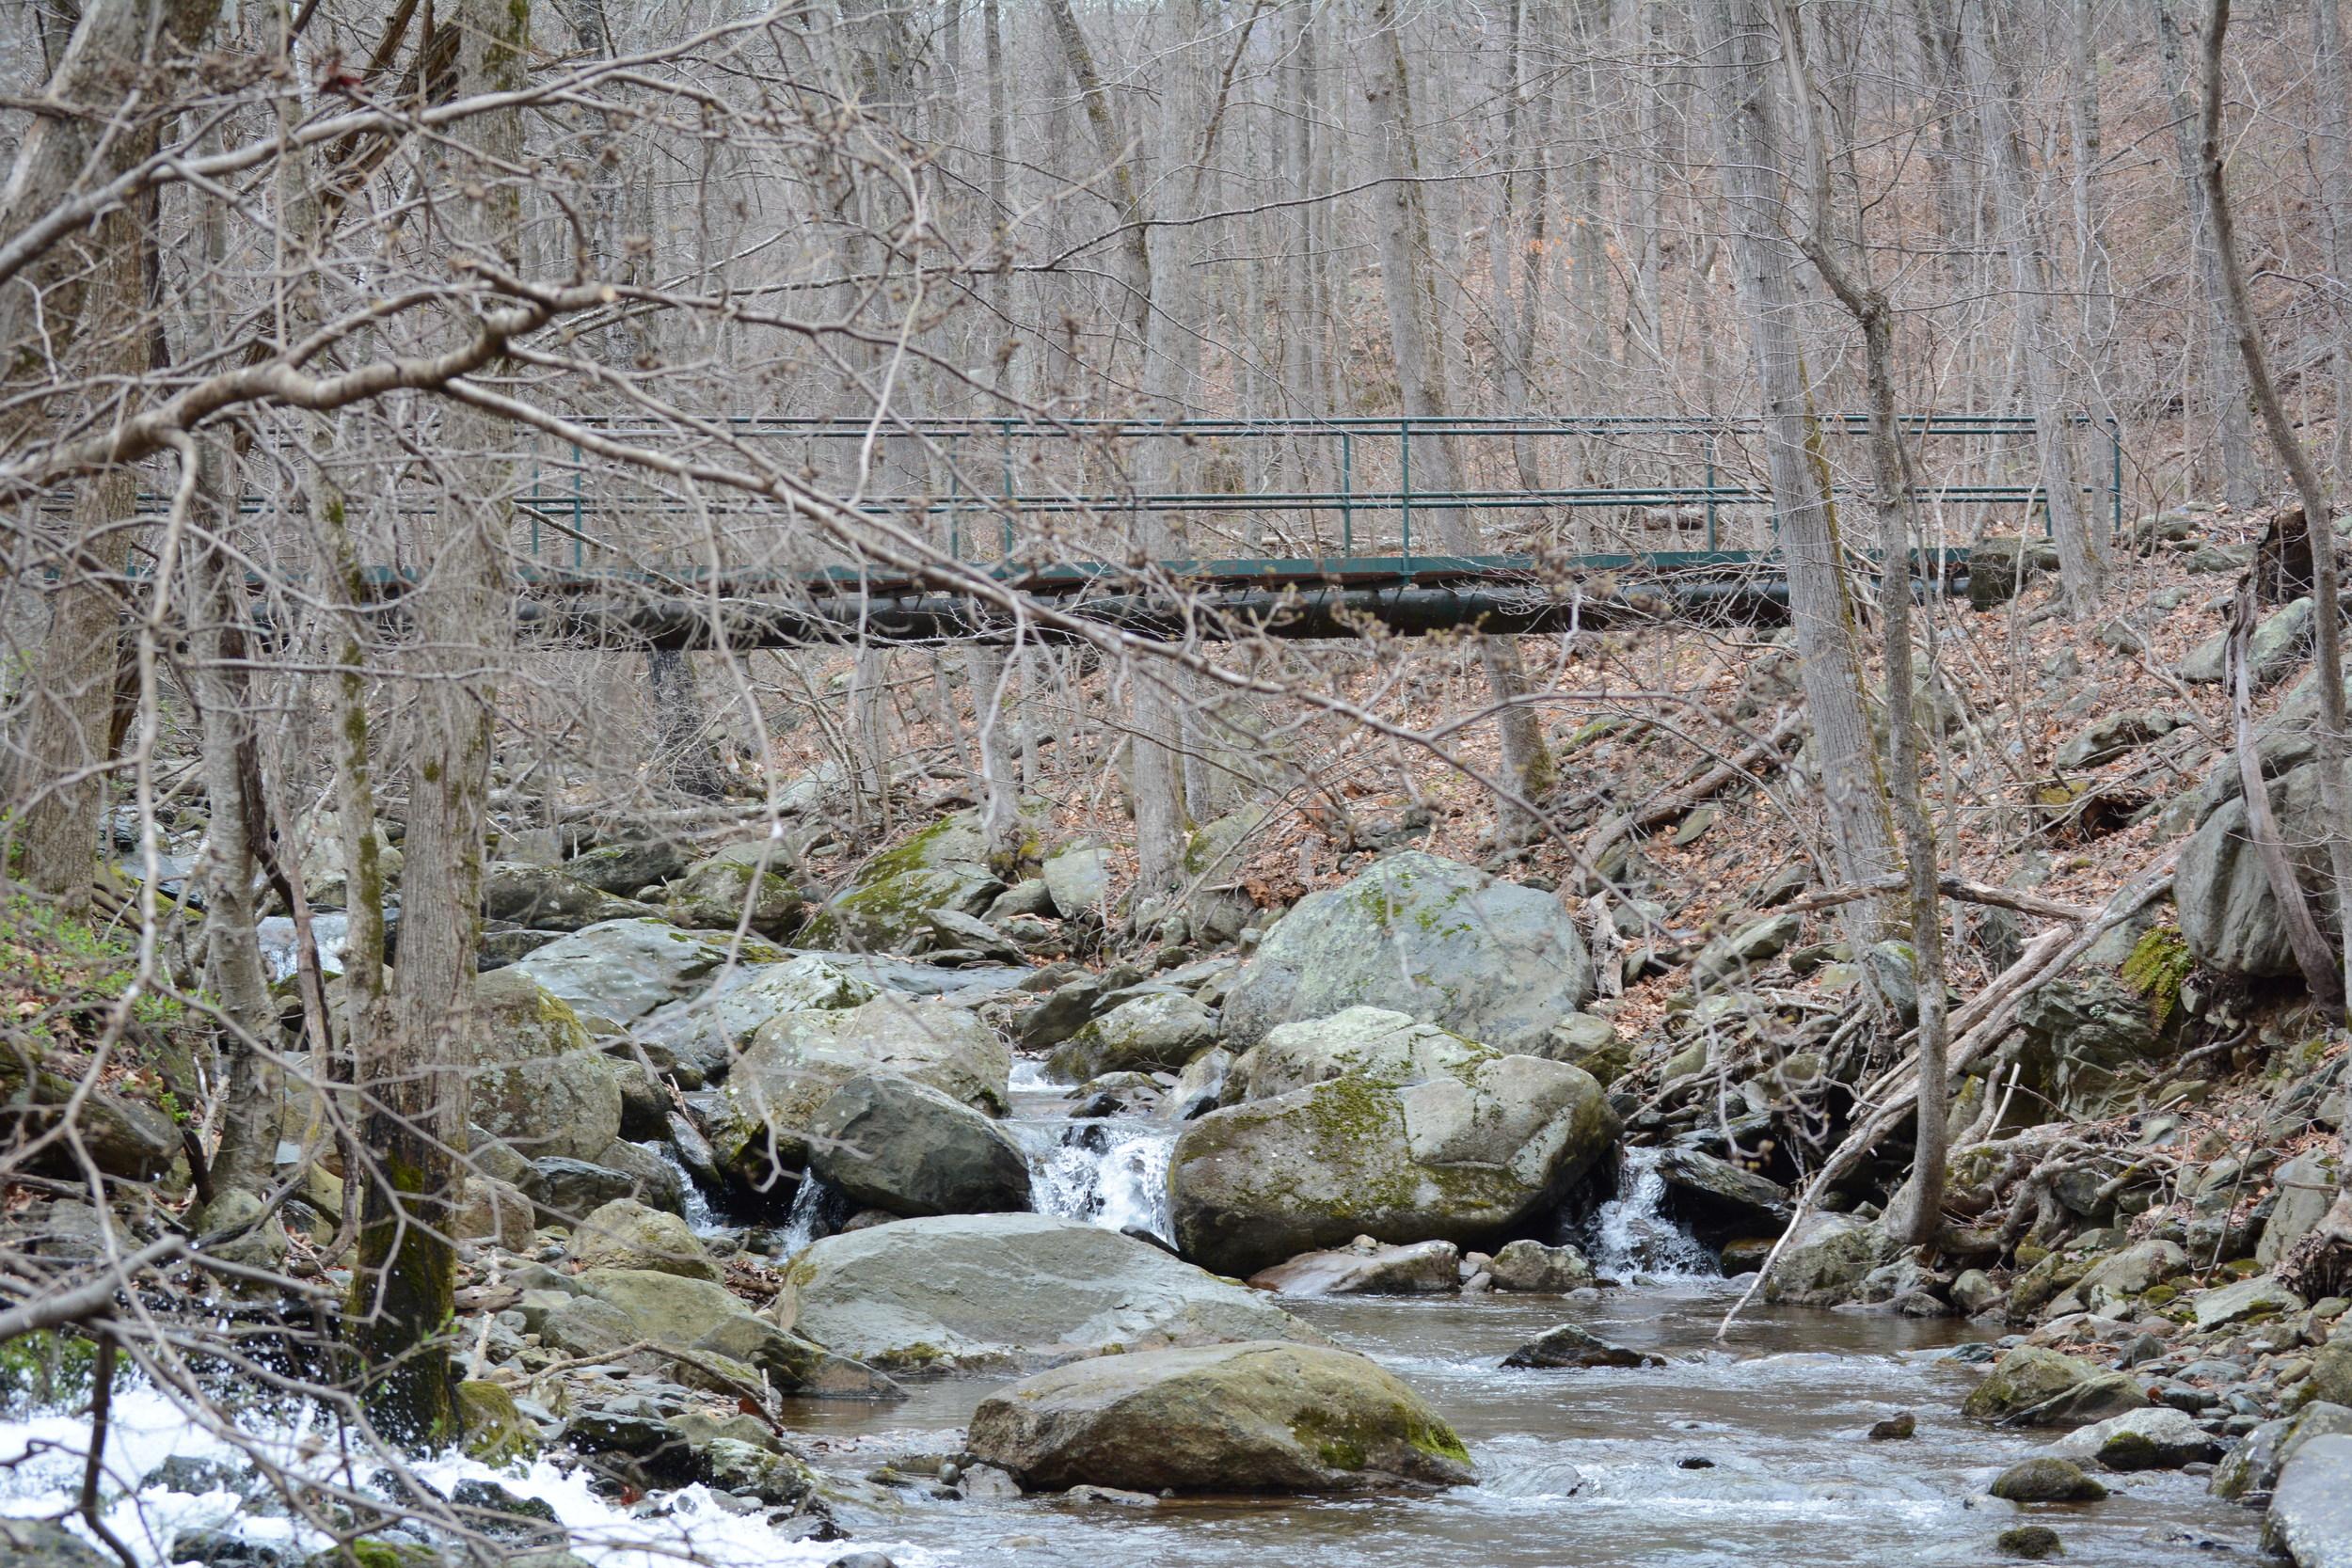 Steel footbridge leads to the start of the archery field.